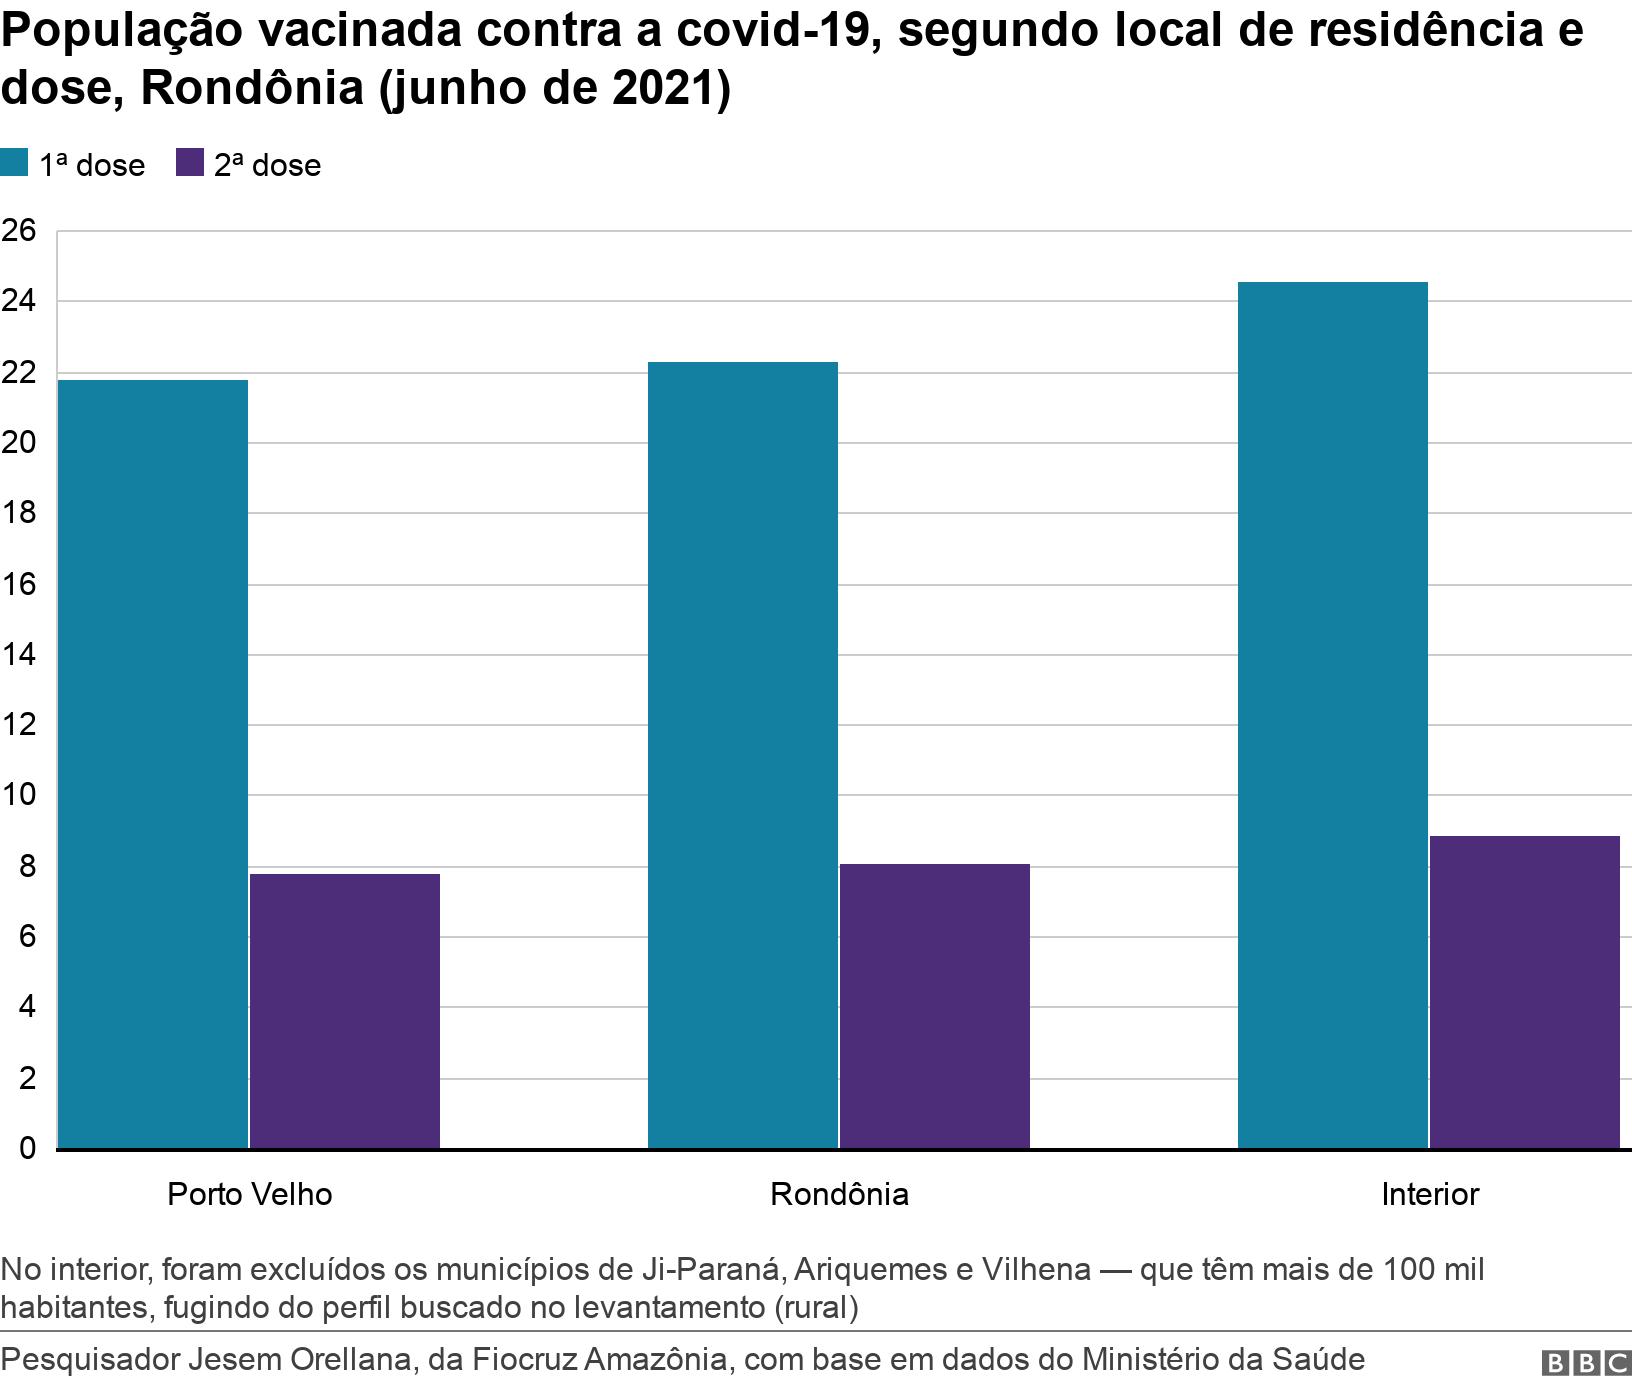 População vacinada contra a covid-19, segundo local de residência e dose, Rondônia (junho de 2021). .  No interior, foram excluídos os municípios de Ji-Paraná, Ariquemes e Vilhena — que têm mais de 100 mil habitantes, fugindo do perfil buscado no levantamento (rural).